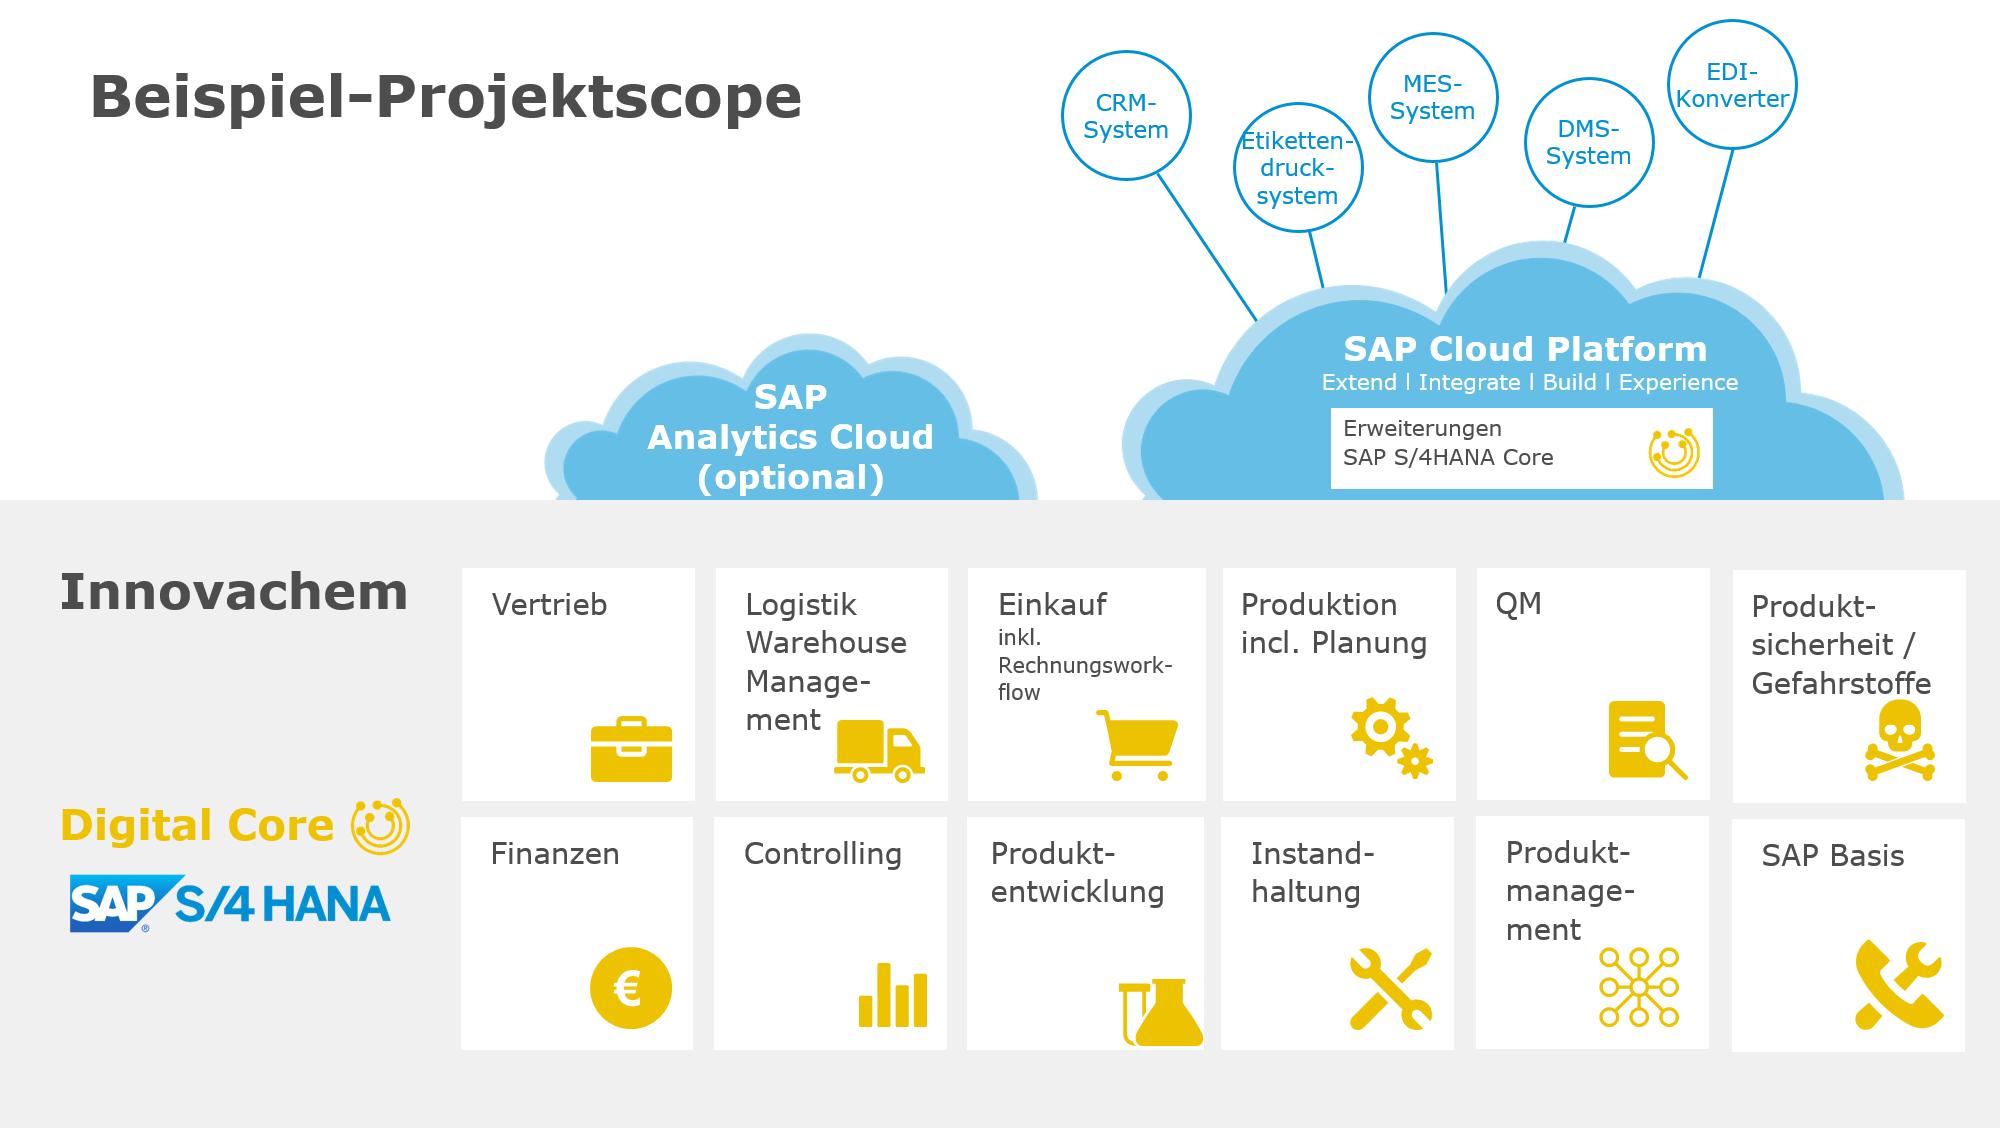 News Grafik ERP Chemie Projektscope 1 - IT-Auswahl: So finden Chemieunternehmen die richtige ERP-Lösung